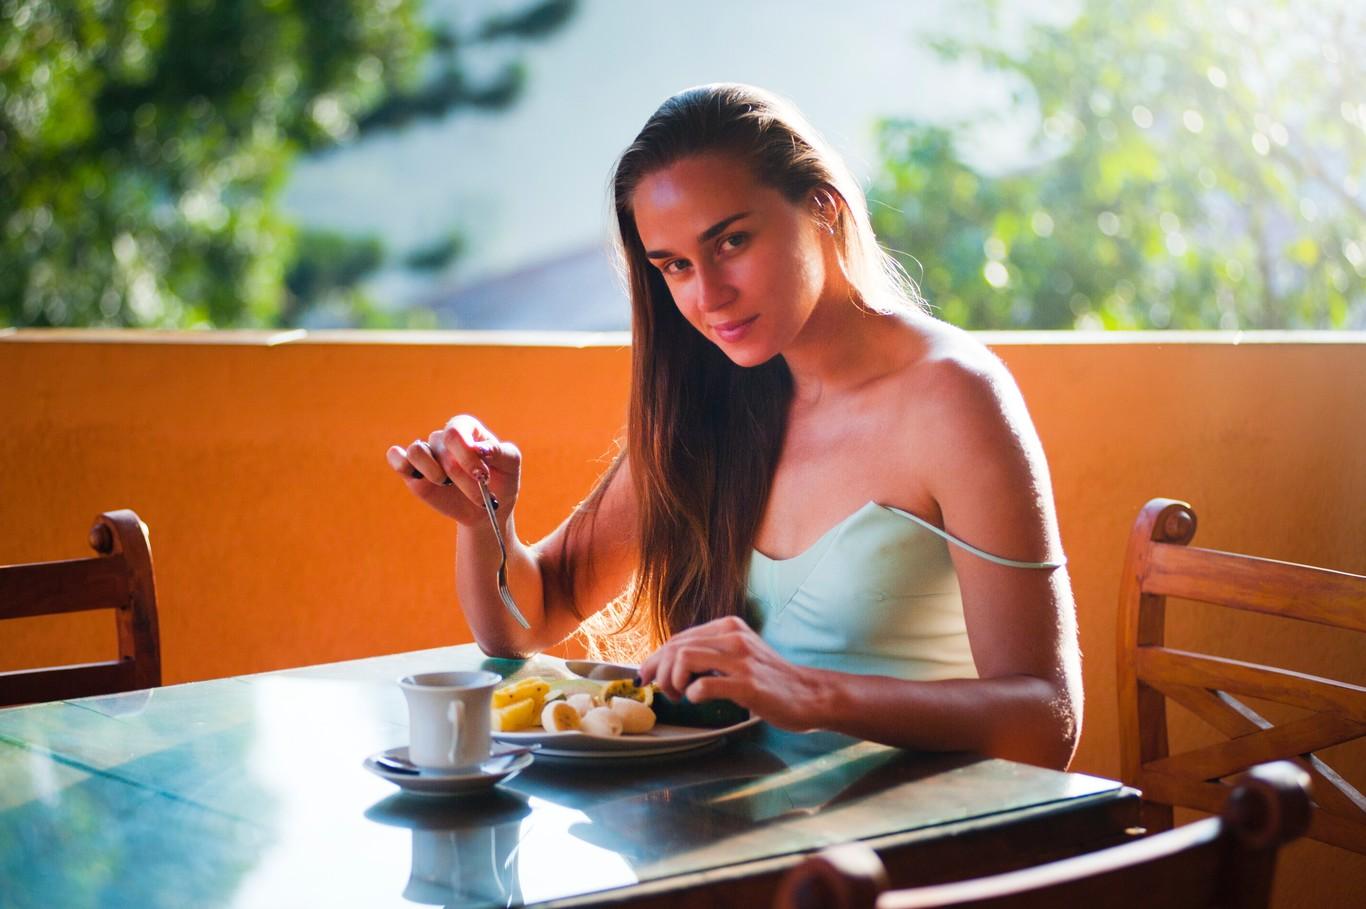 Dieta Cetogénica Cómo Saber Si Estás En Cetosis